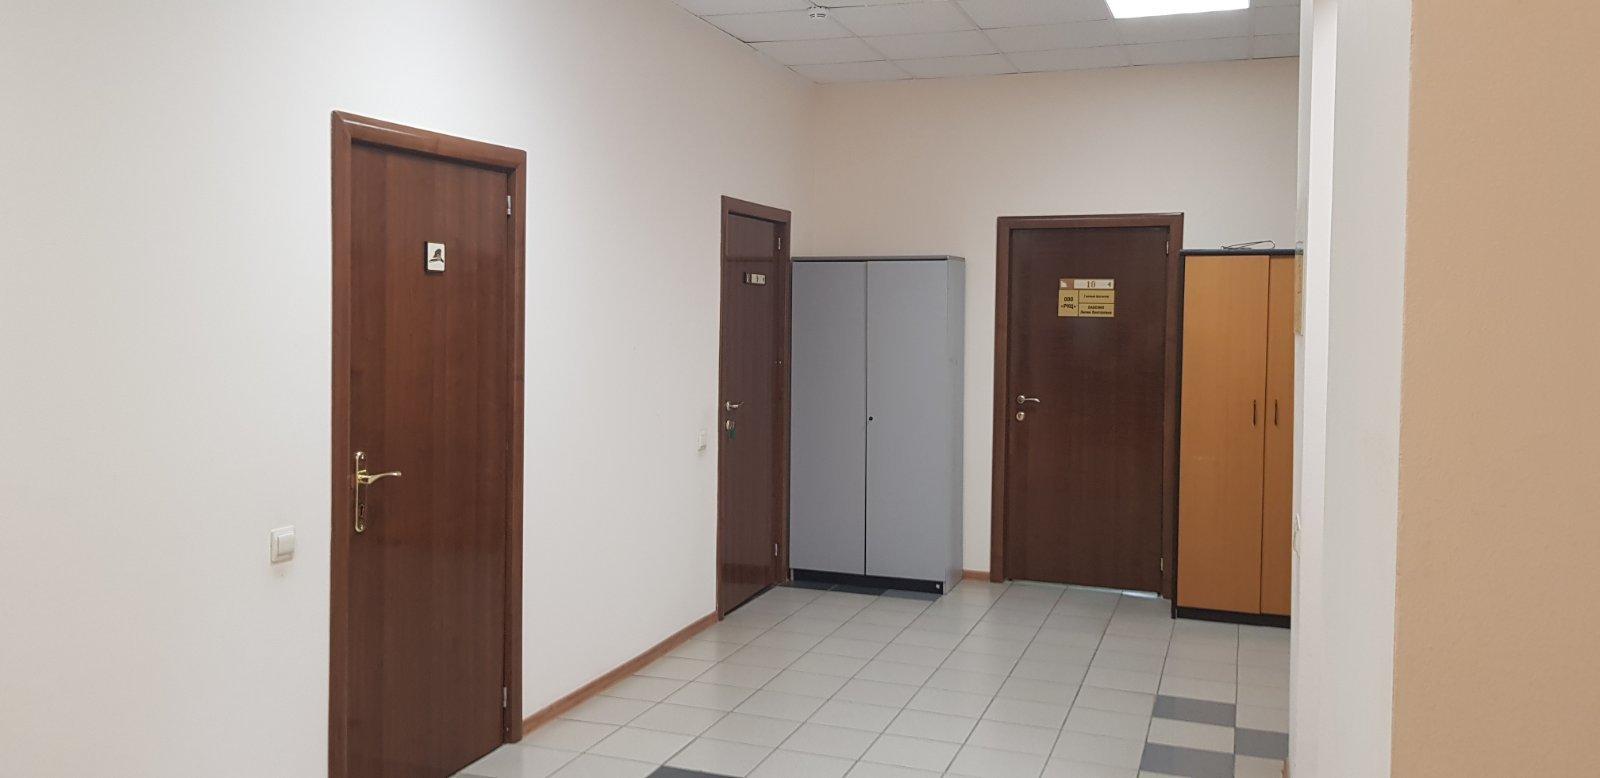 Продажа коммерческой недвижимости, 290м <sup>2</sup>, Тольятти, Голосова улица